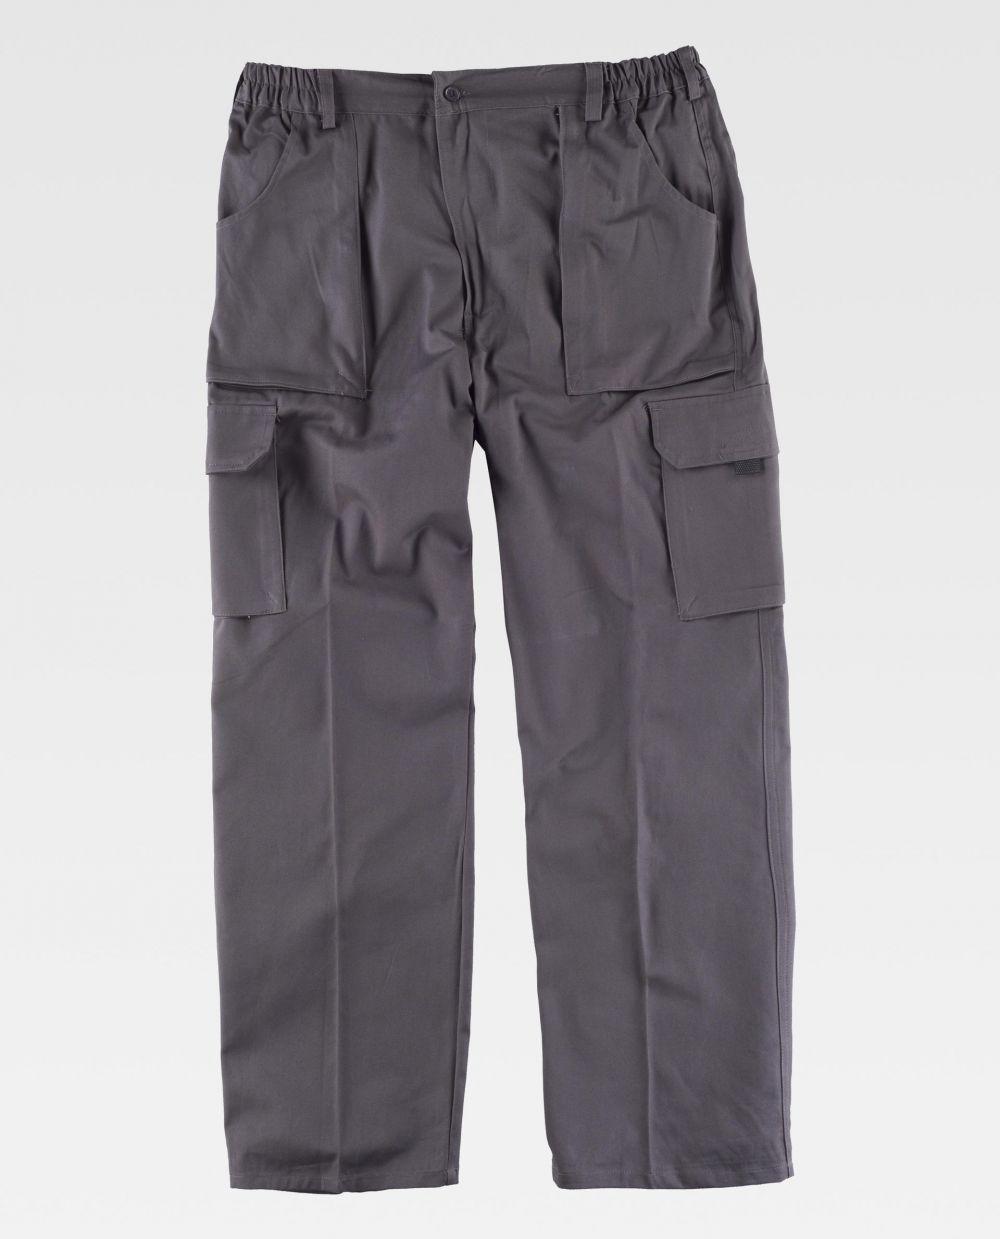 Pantalones de trabajo workteam wf1400 de 100% algodón con impresión vista 2